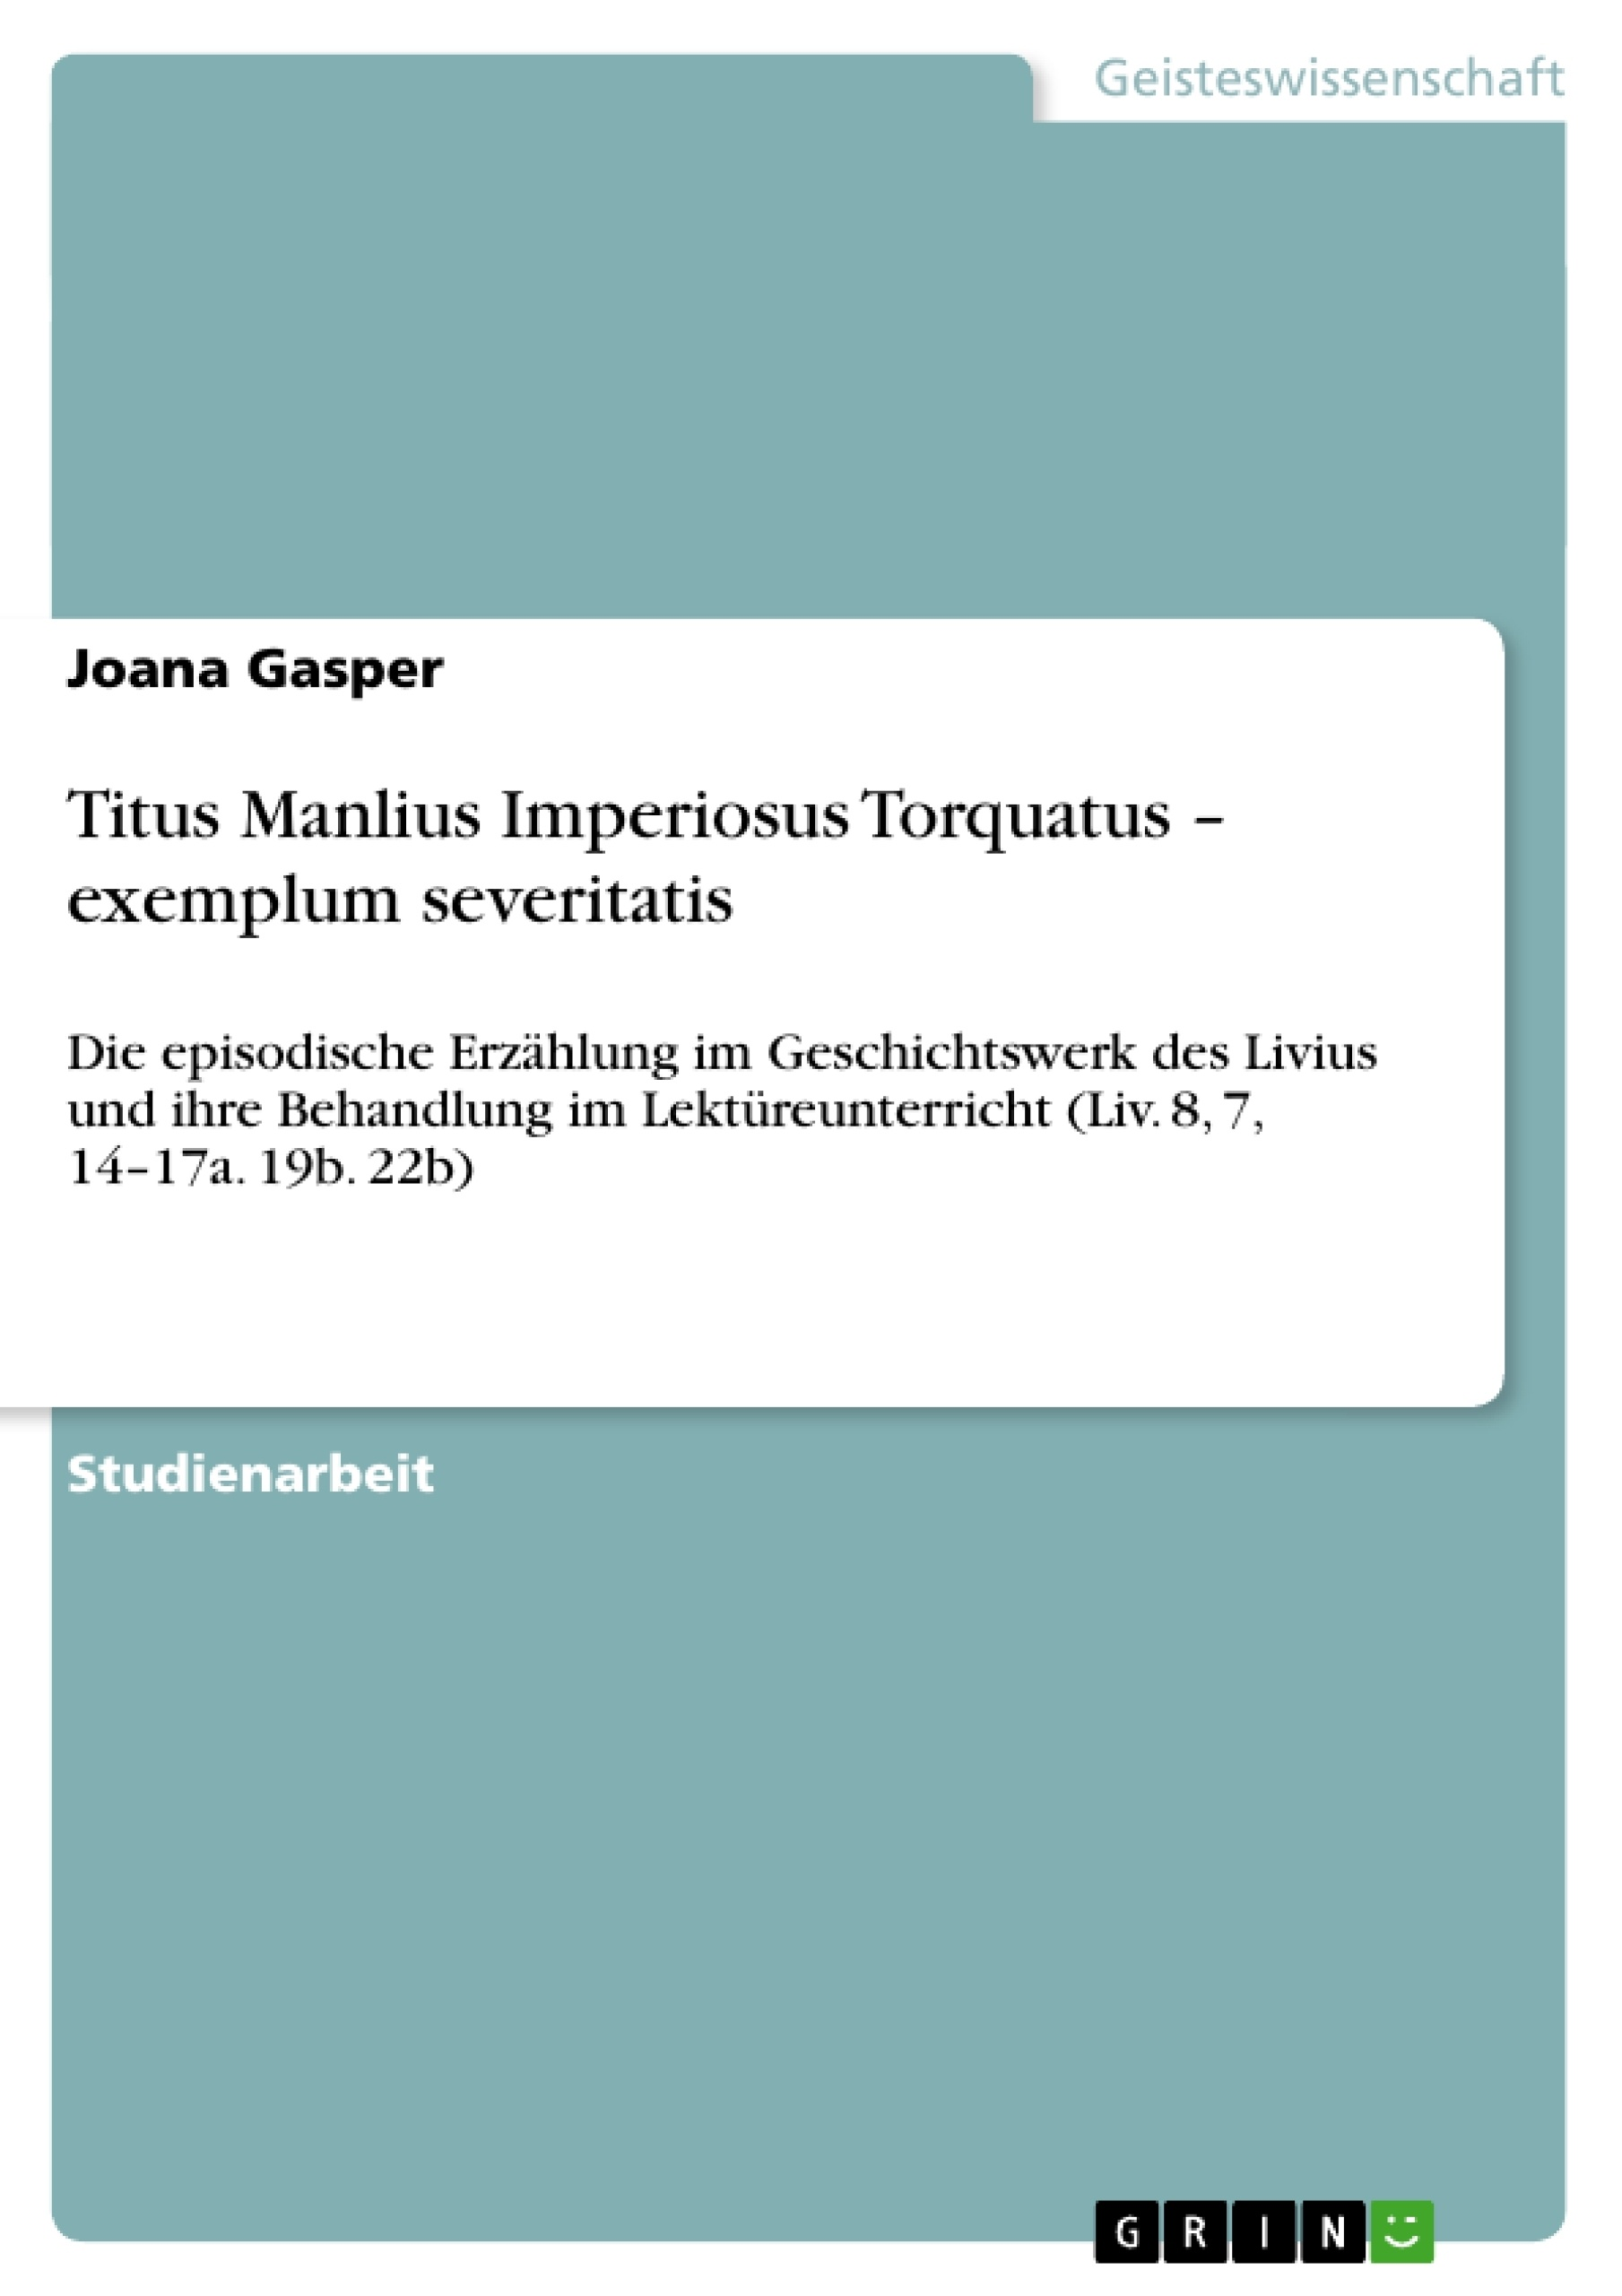 Titel: Titus Manlius Imperiosus Torquatus – exemplum severitatis